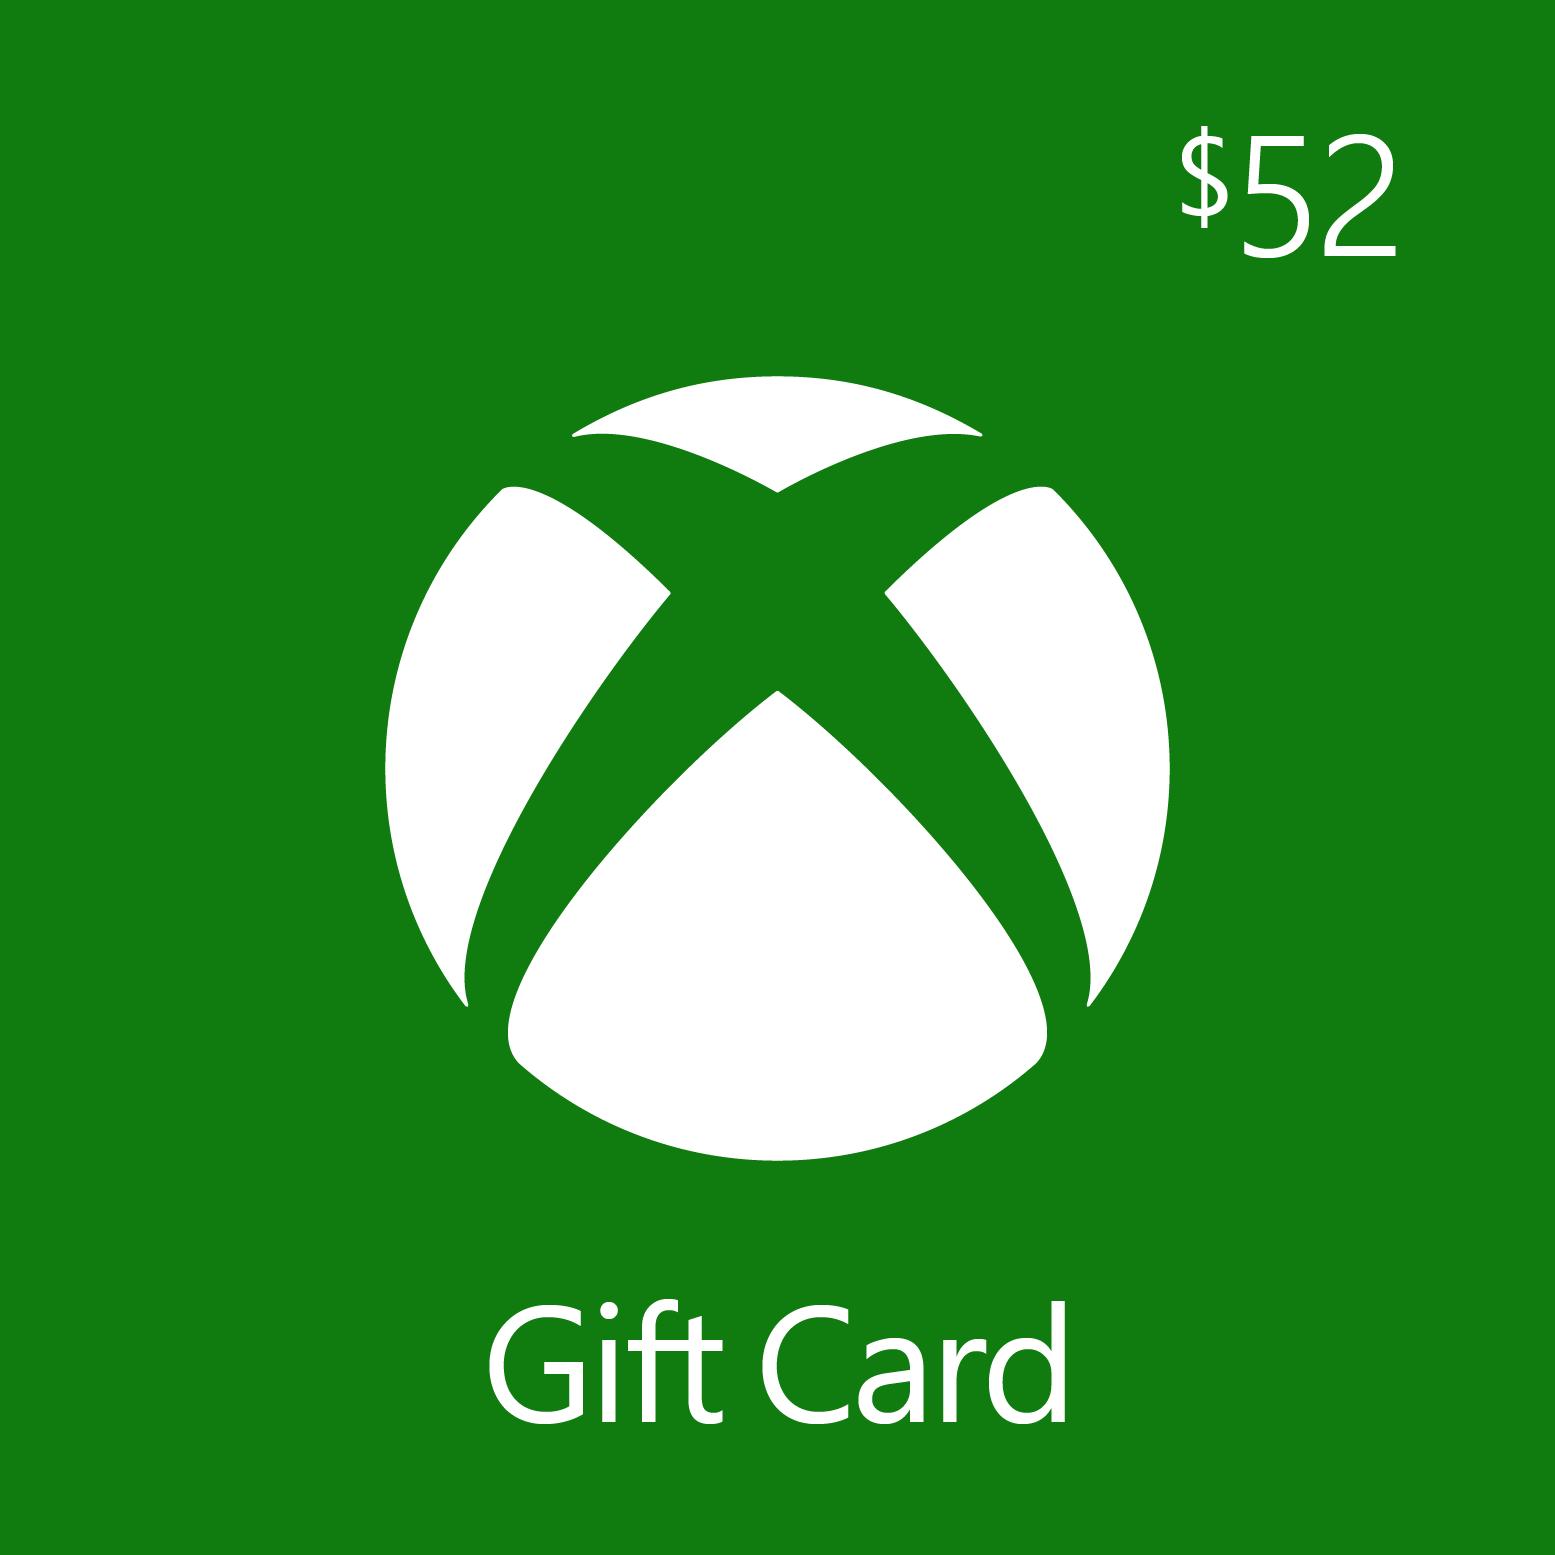 $52.00 Xbox Digital Gift Card